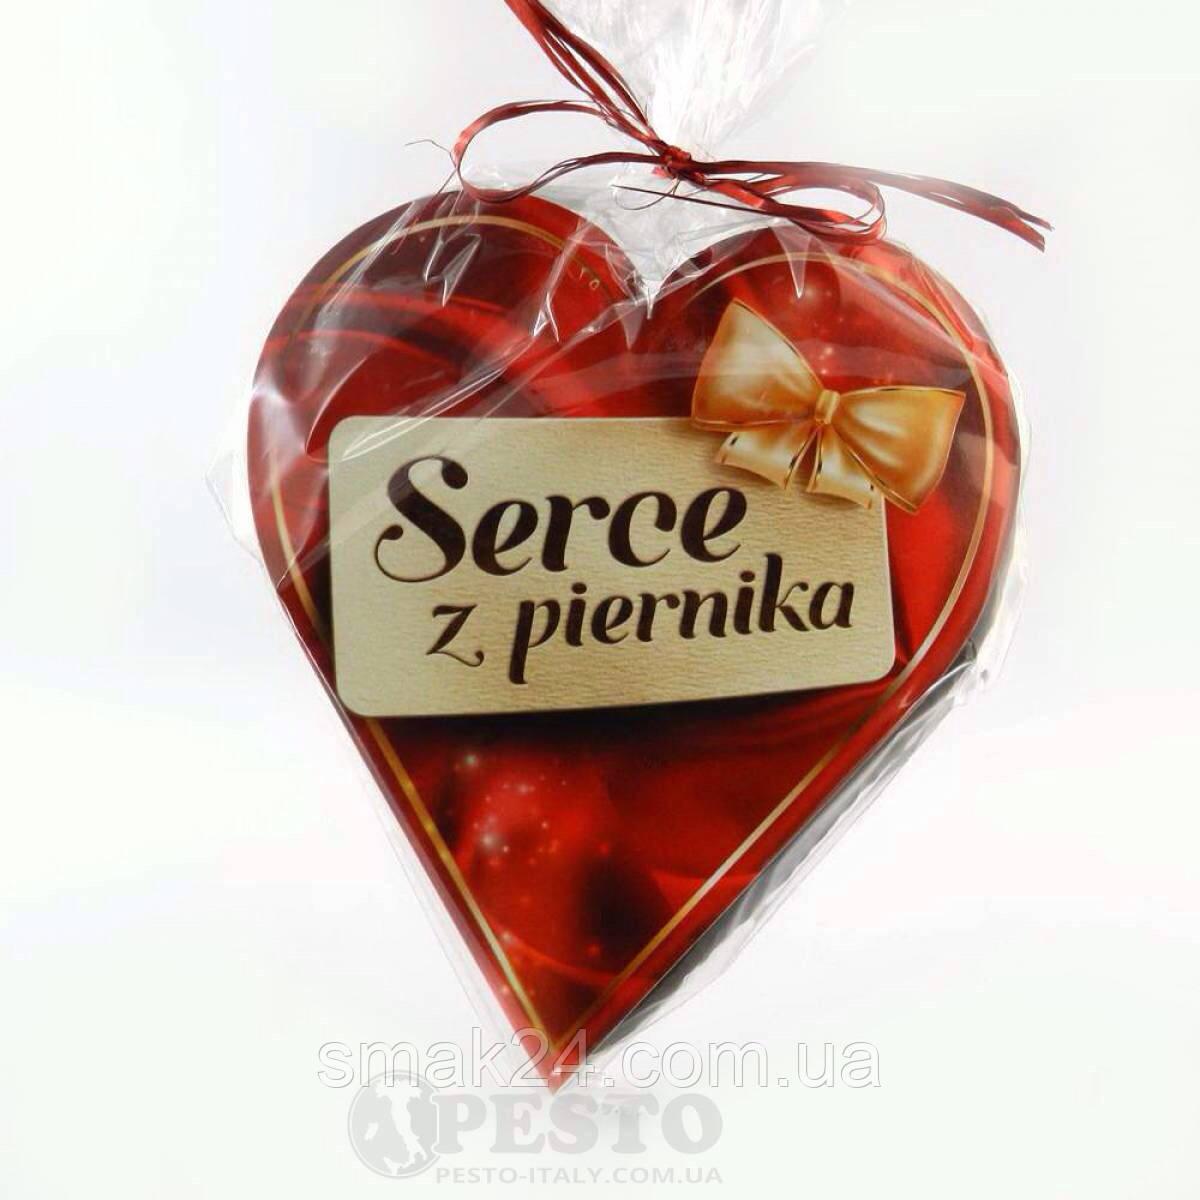 Пряник Сердце Serce z piernika  Польша 90 г